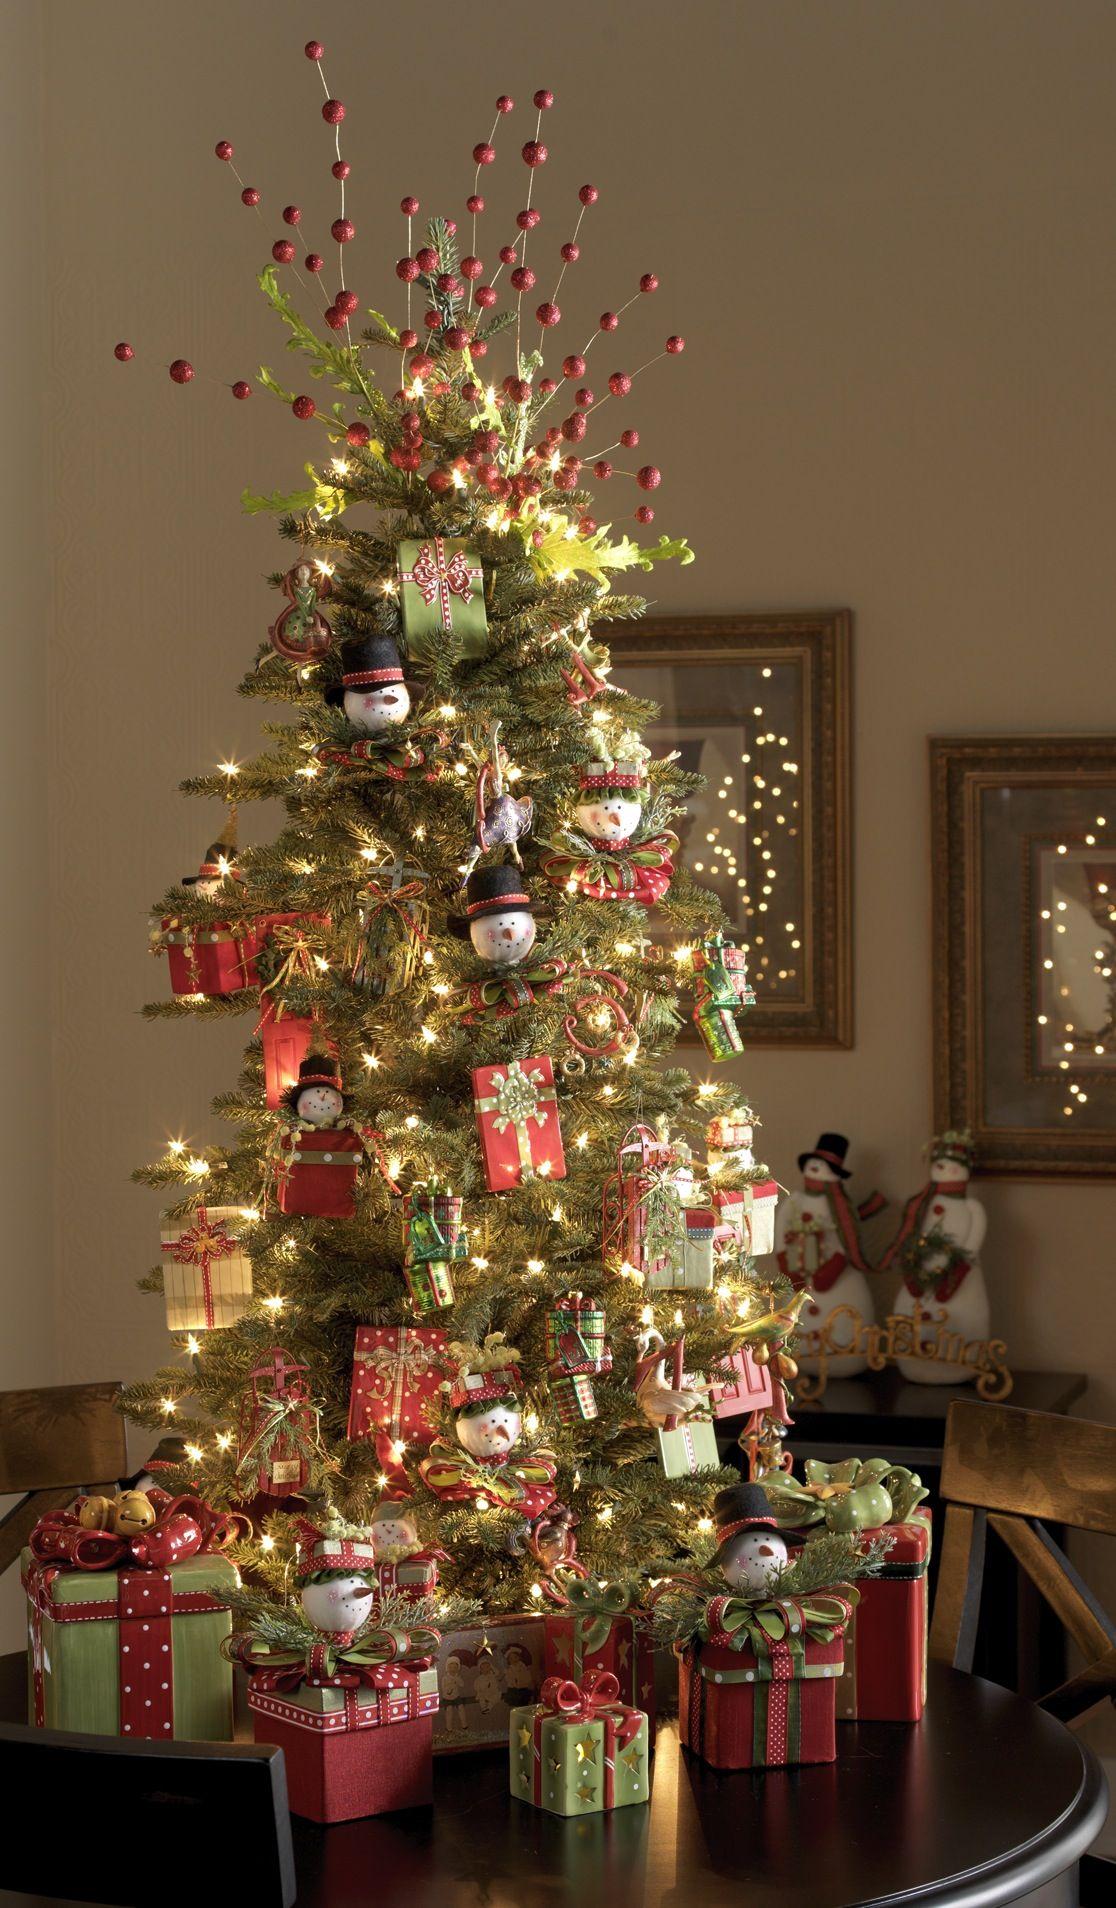 Fotos de arbol de navidad pinos de navidad pino de for Decoracion christmas navidenos